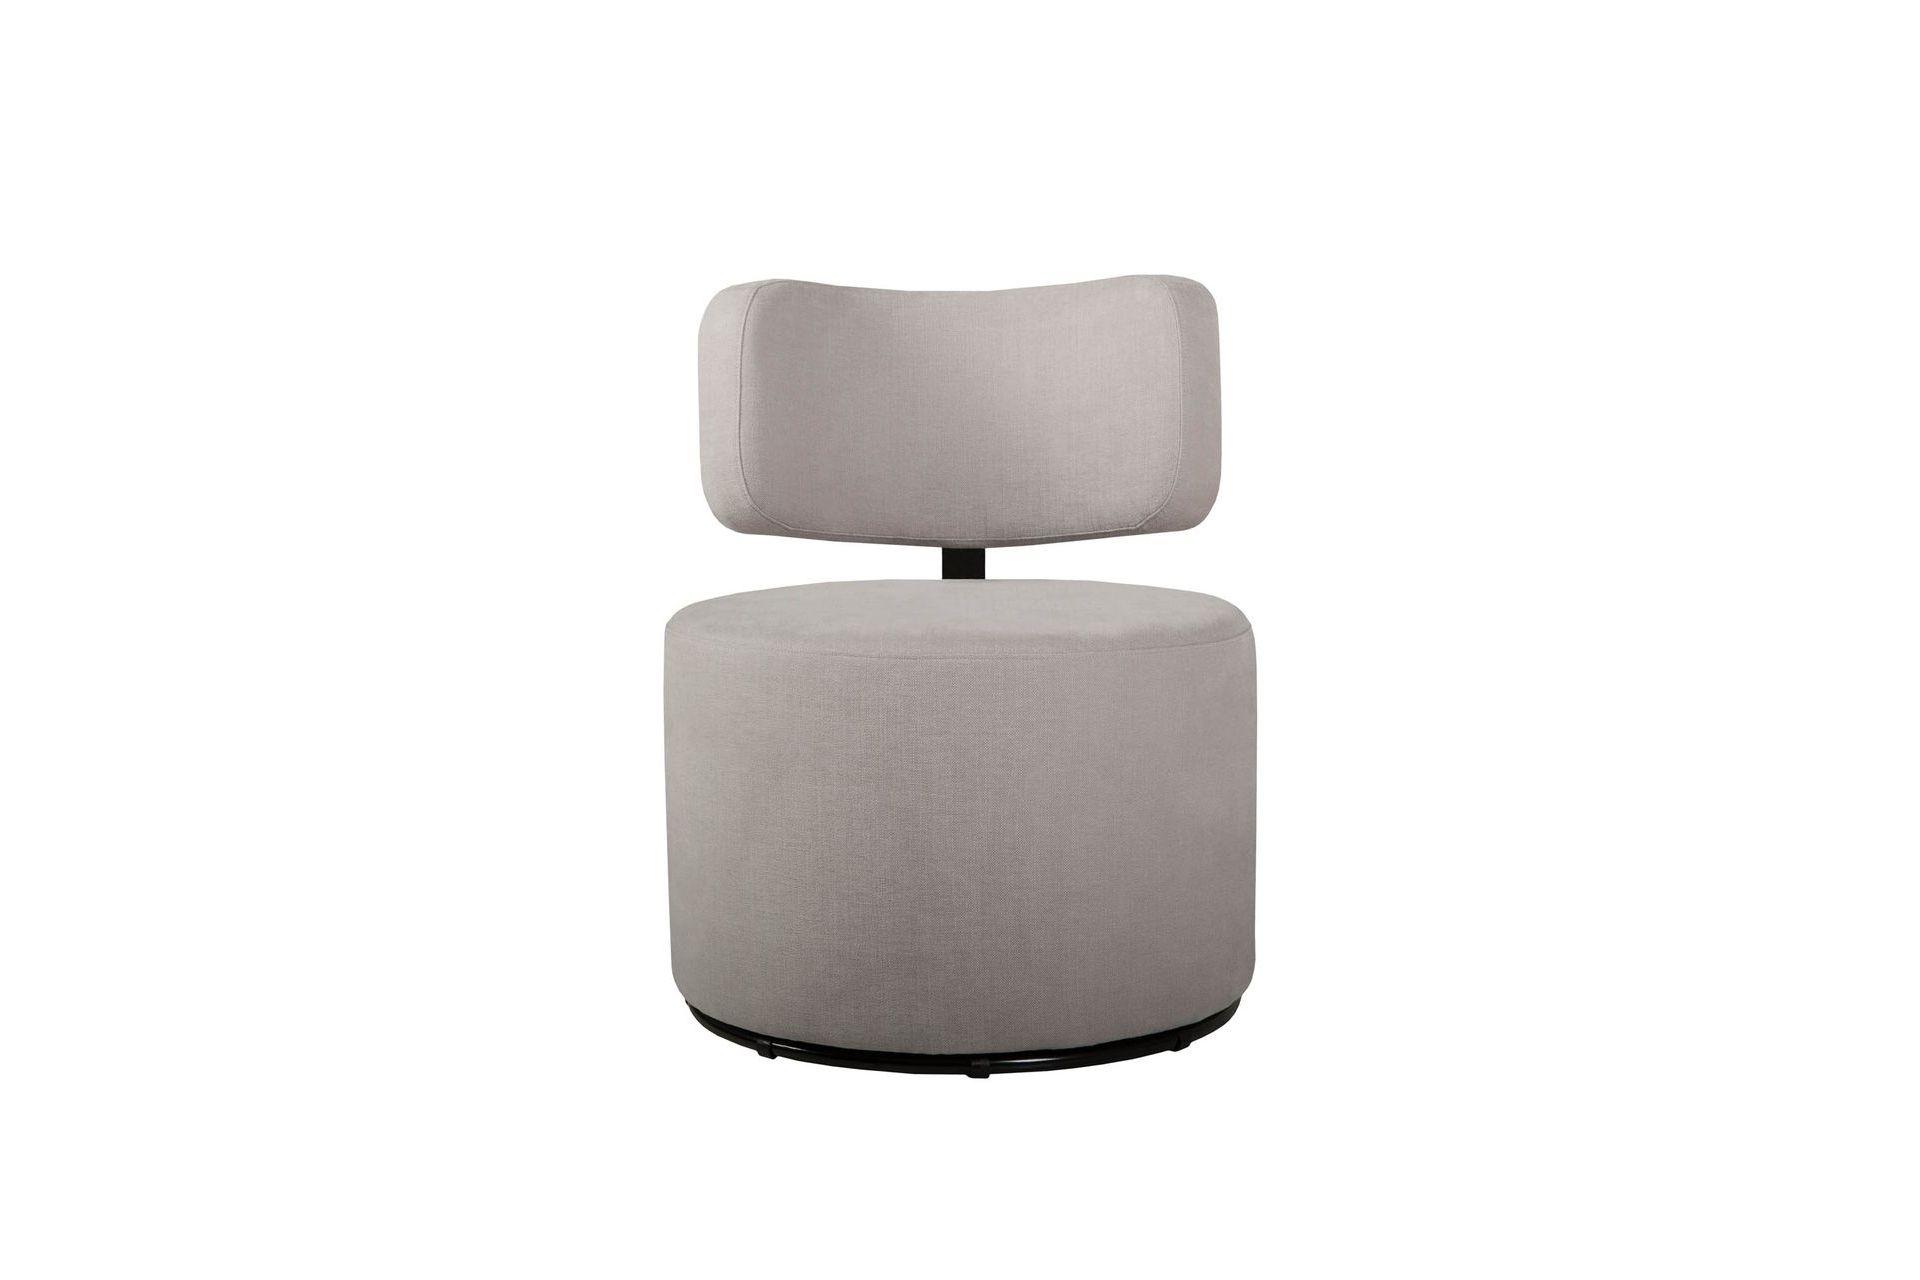 Кресло MokkaПолукресла<br>Это круглое сиденье выглядит как пуф, но спинка оптимальной формы делает этот предмет мебели изящным креслом. Благодаря небольшим габаритам, кресло легко носить с собой и перемещать с одного места на другое.